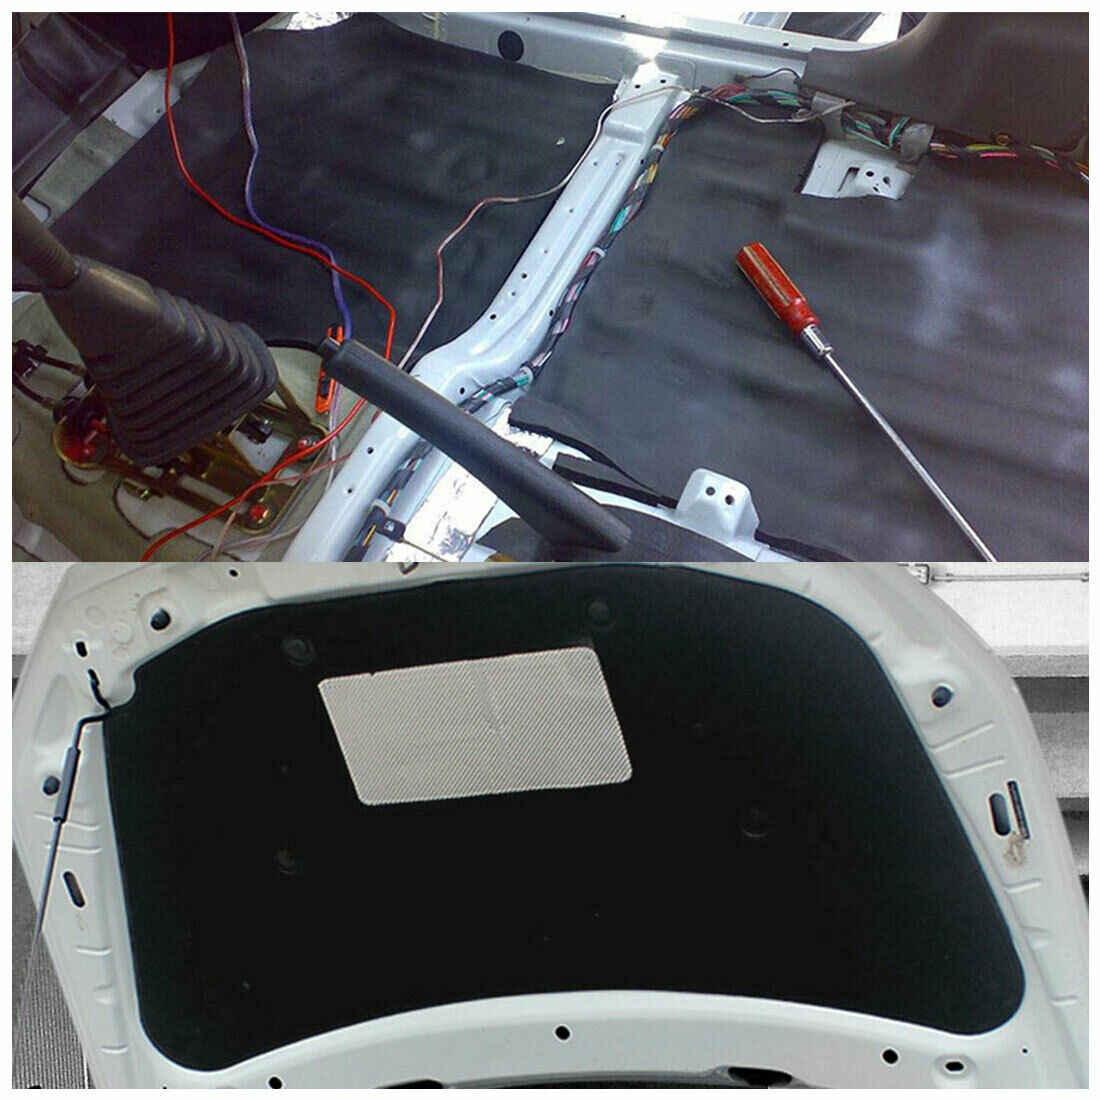 Almofada de isolamento de ruído stereo almofada de amortecimento folhas escudo tapete de bloco térmico